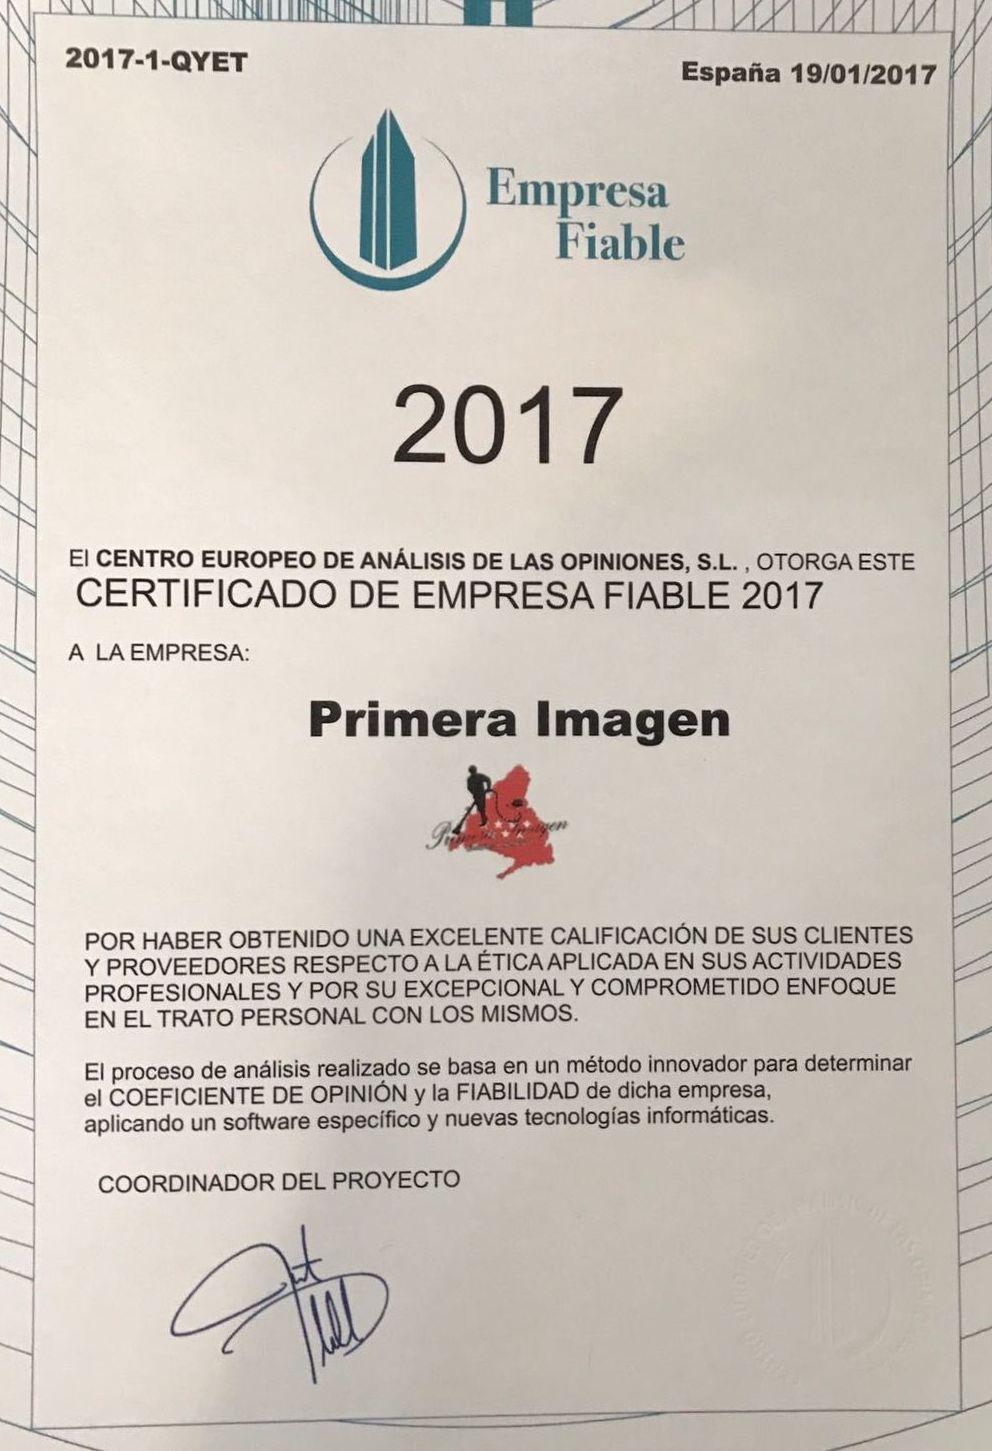 CERTIFICADO CALIDAD 2017